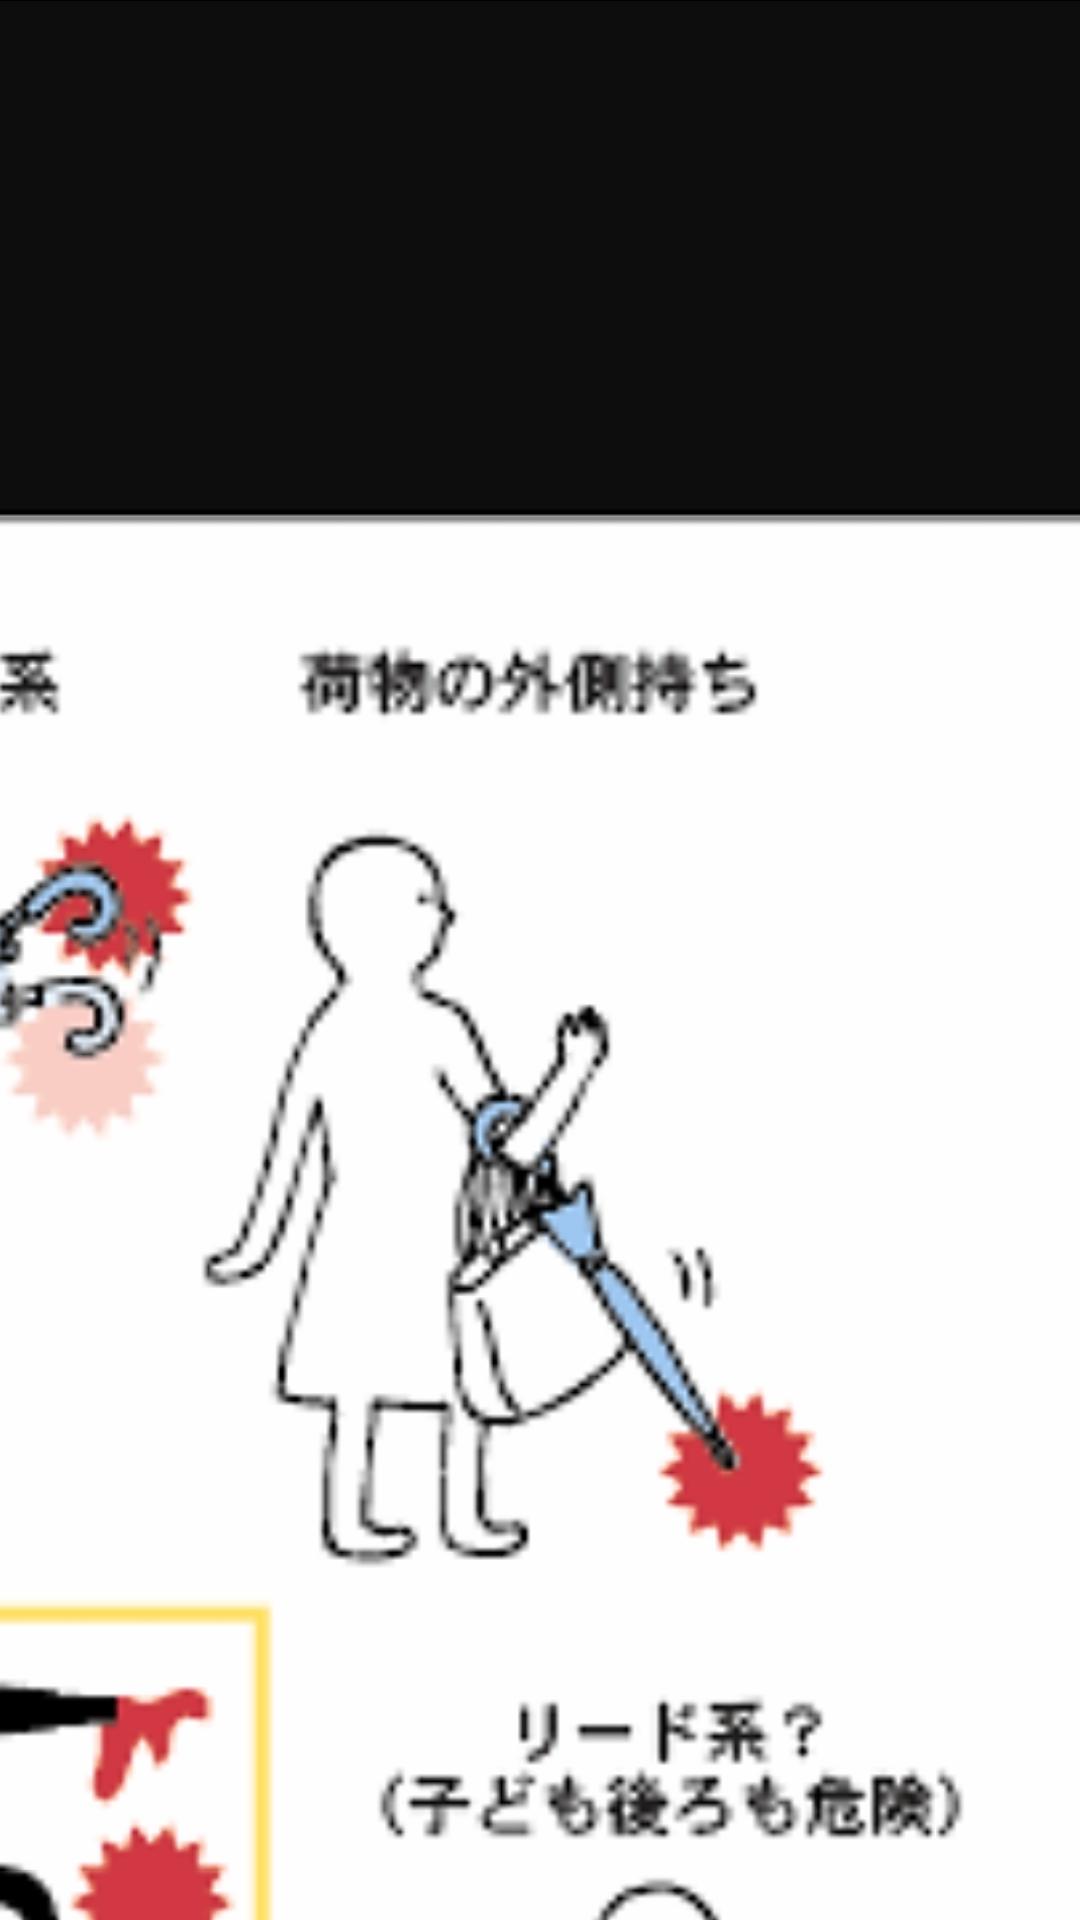 傘が凶器になる瞬間! 訴えられたケースも?